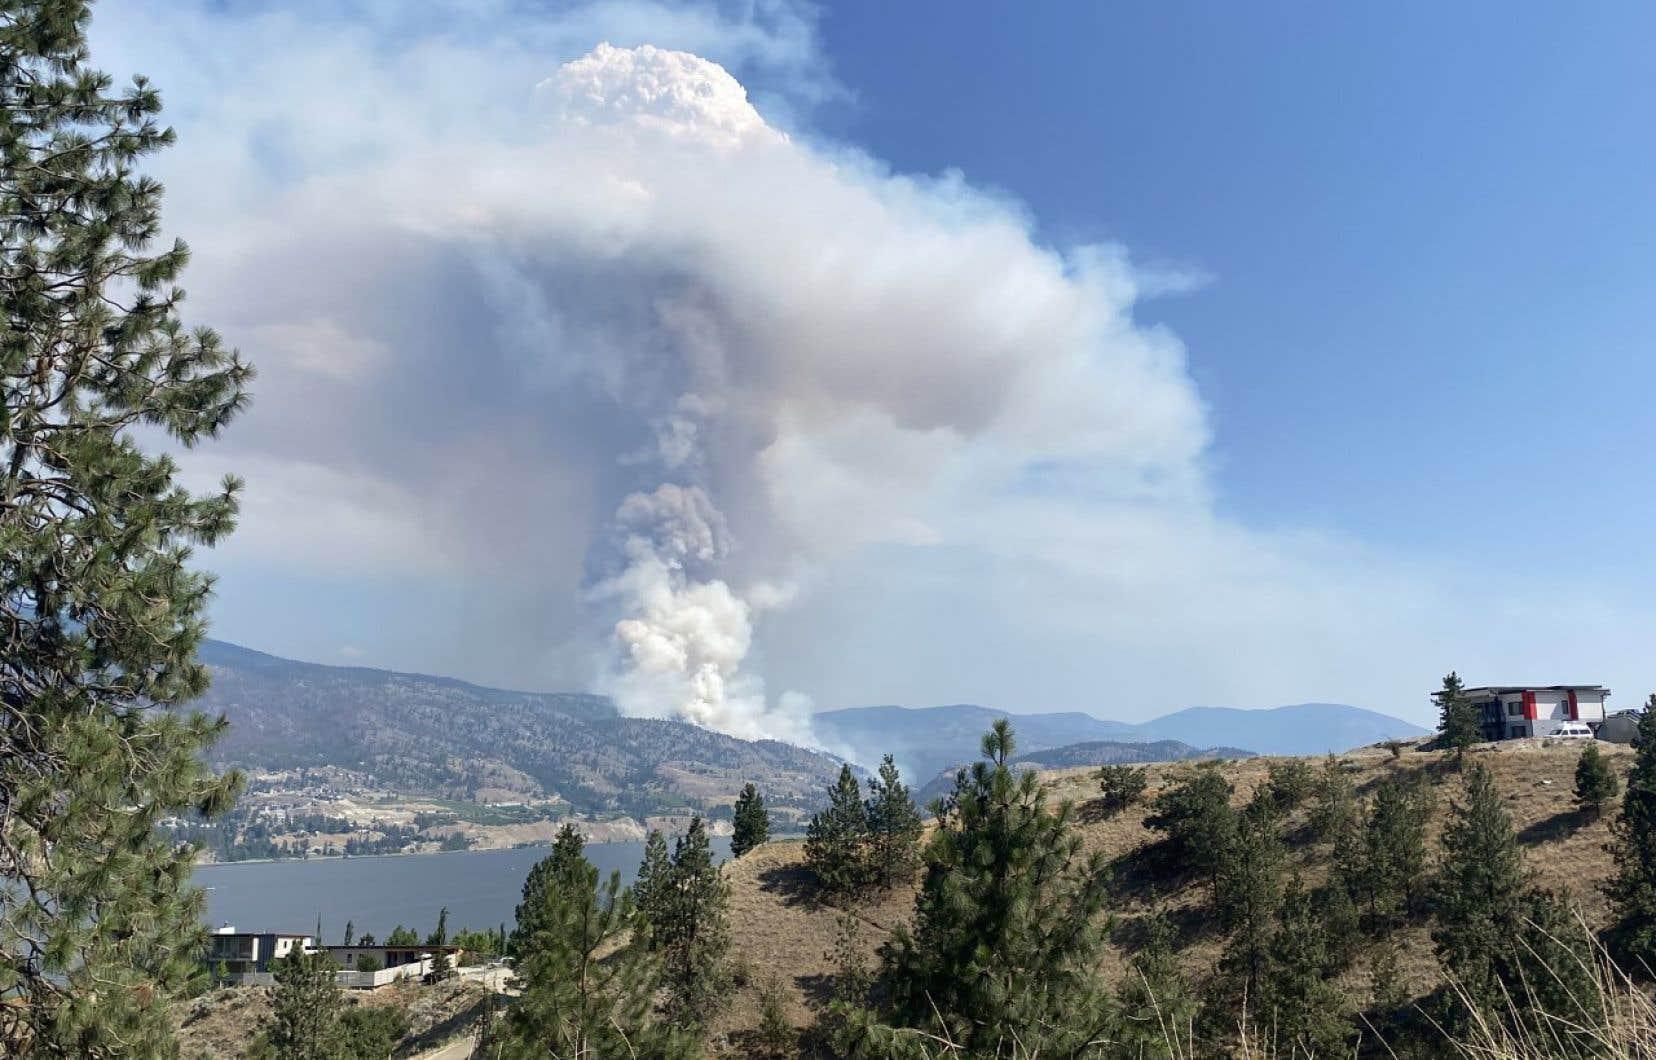 Plus de 1760 kilomètres carrés de terres ont brûlé depuis le début de la saison des incendies de forêt le 1eravril.